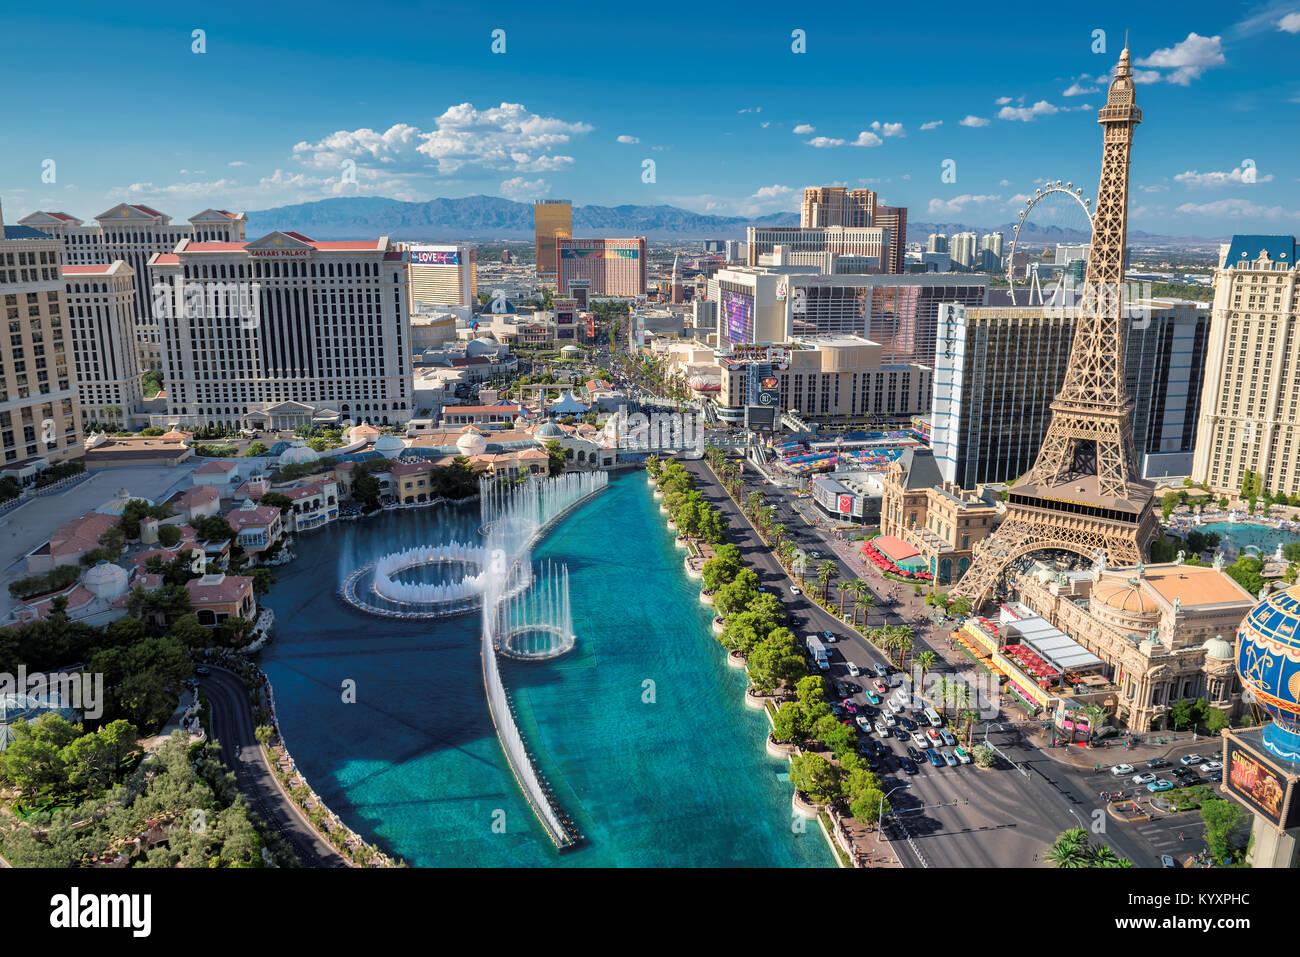 Vue aérienne de la Strip de Las Vegas à des jours ensoleillés. Photo Stock